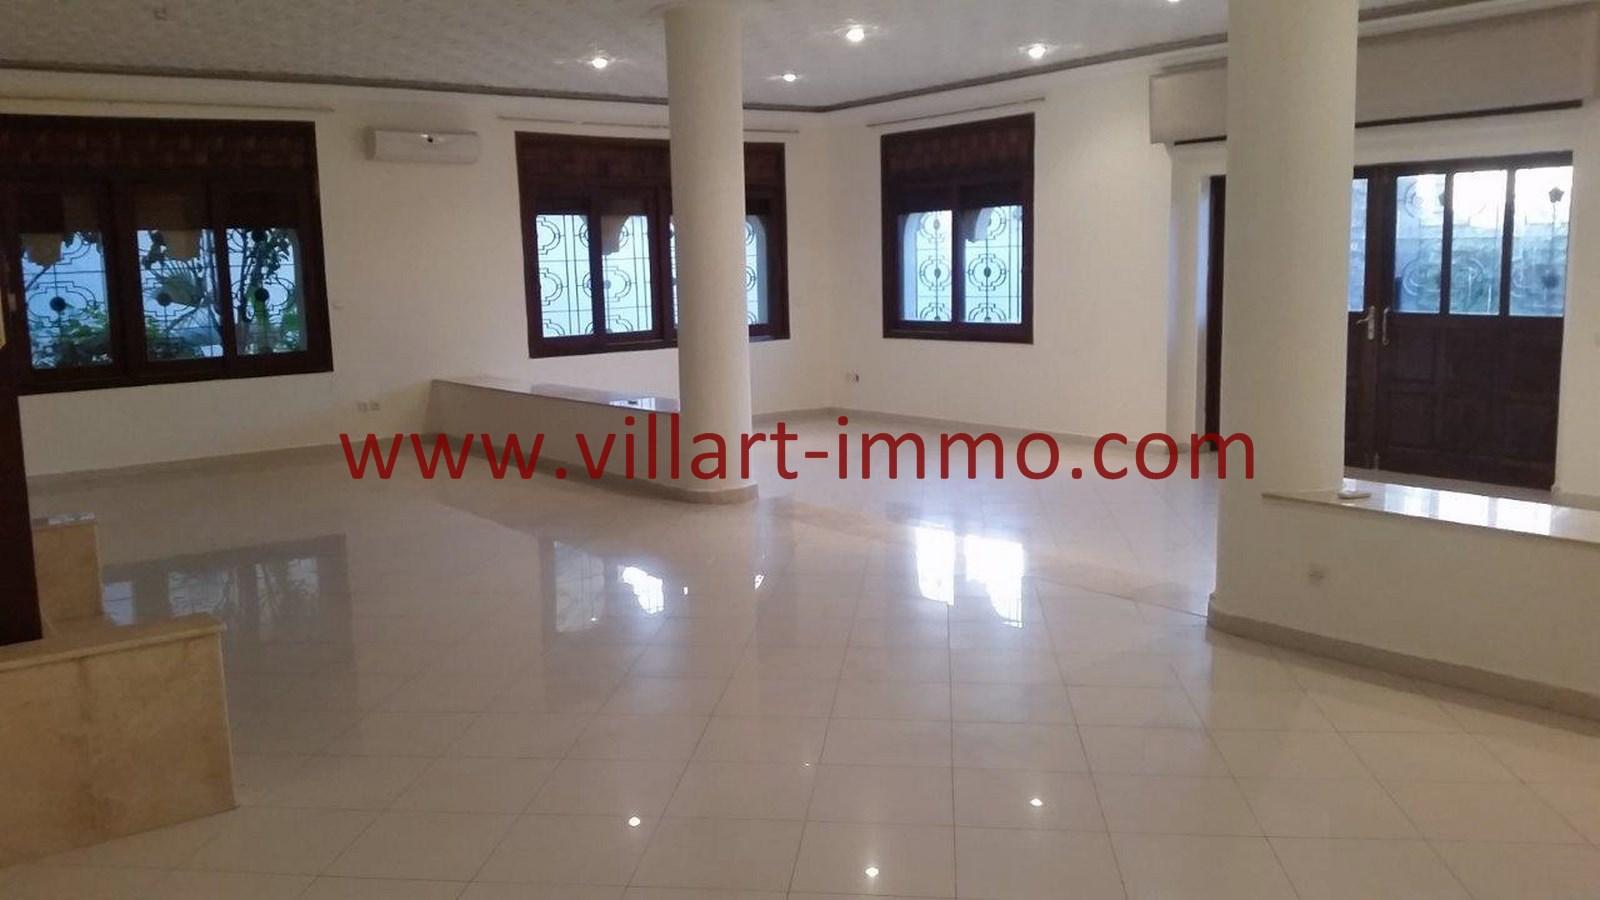 2-a-louer-villa-non-meublee-tanger-salon-lv901-villart-immo